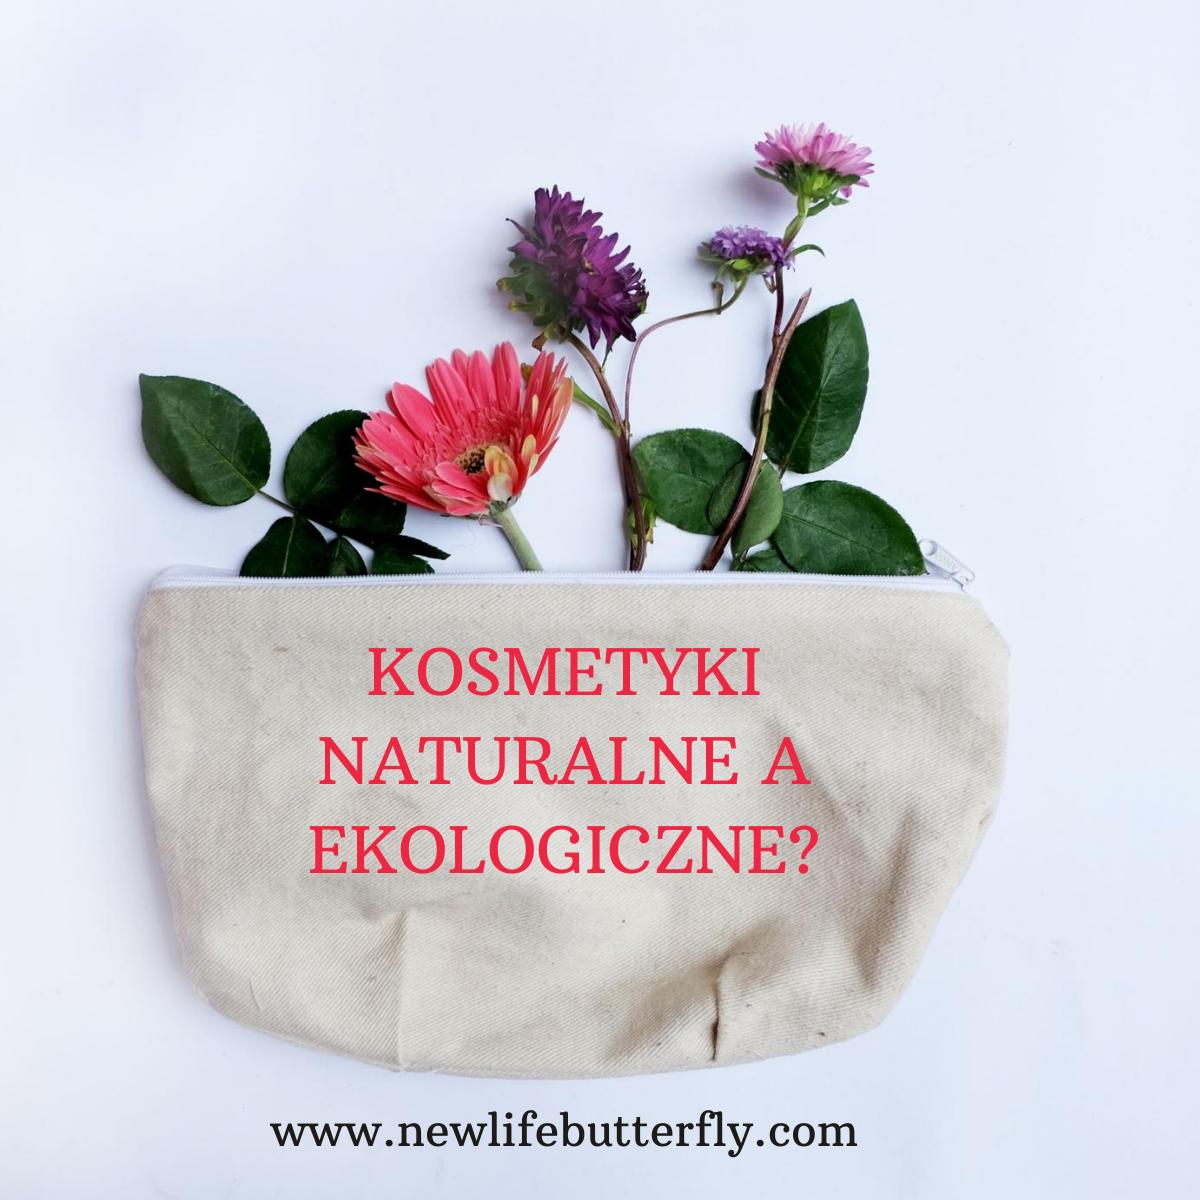 Kosmetyki naturalne a ekologiczne